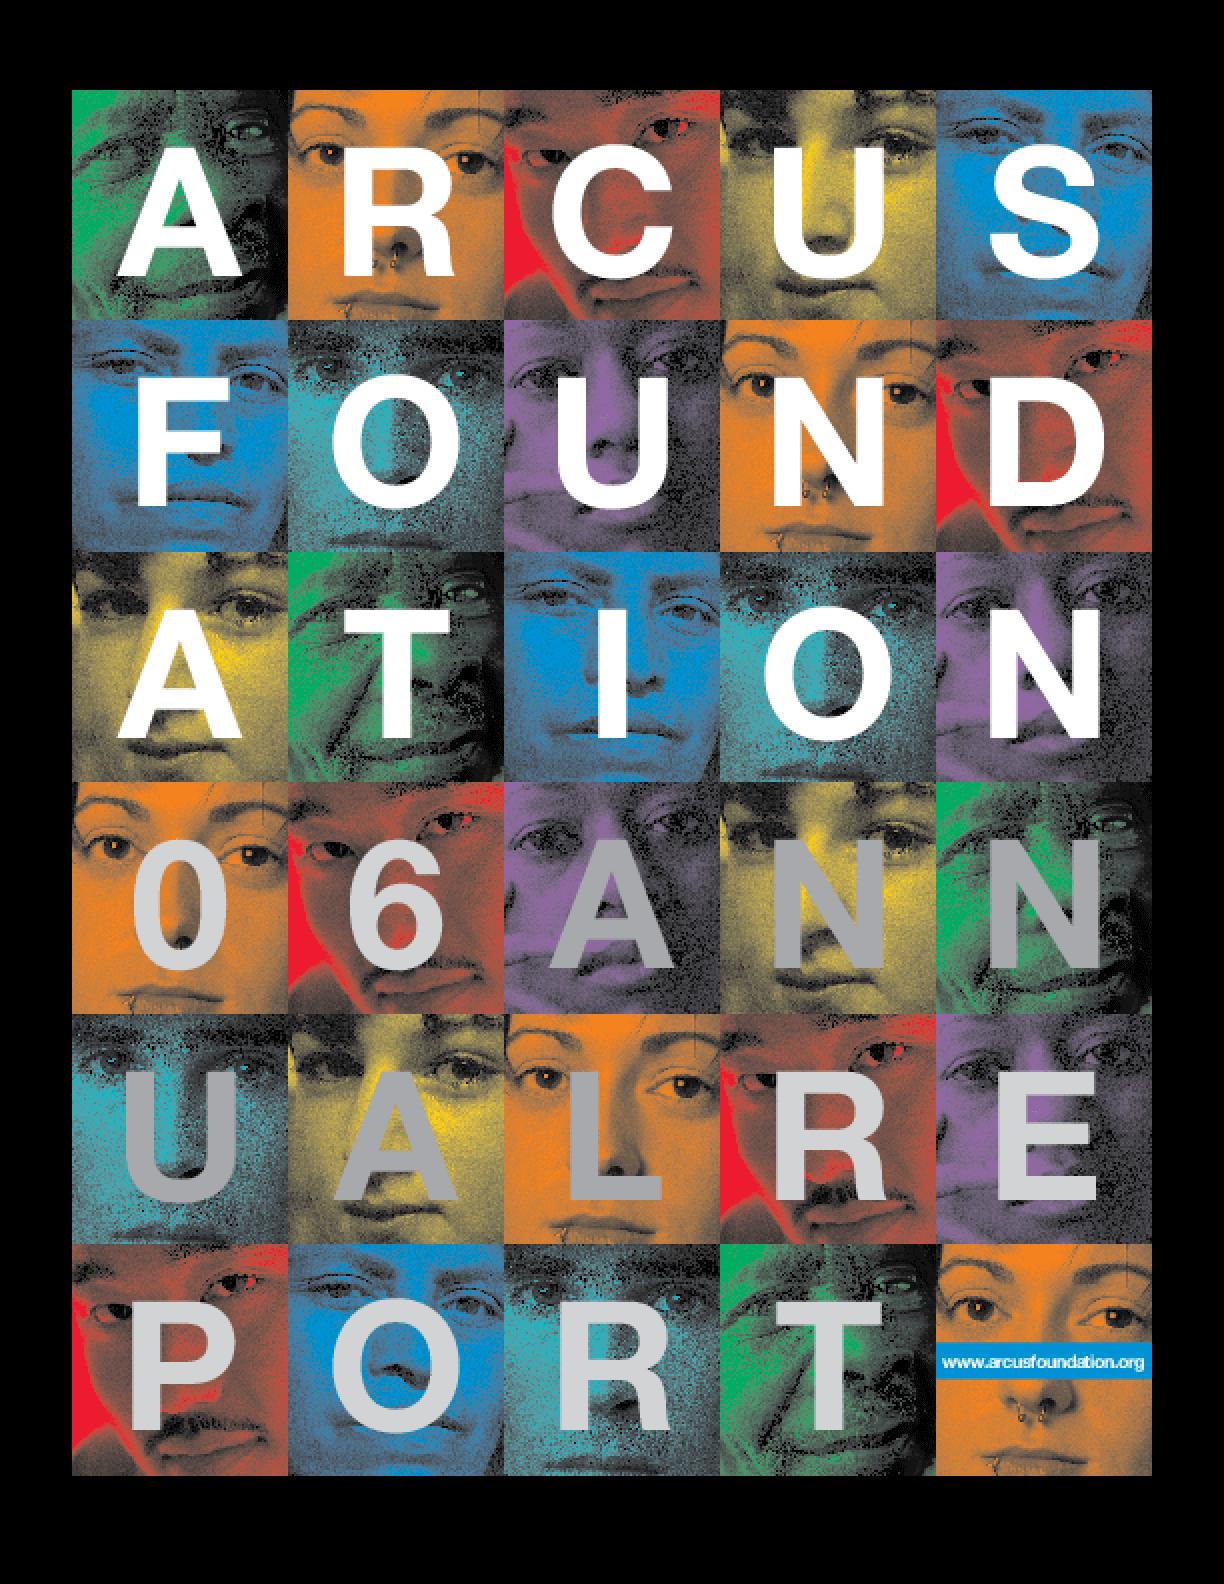 Arcus Foundation - 2006 Annual Report